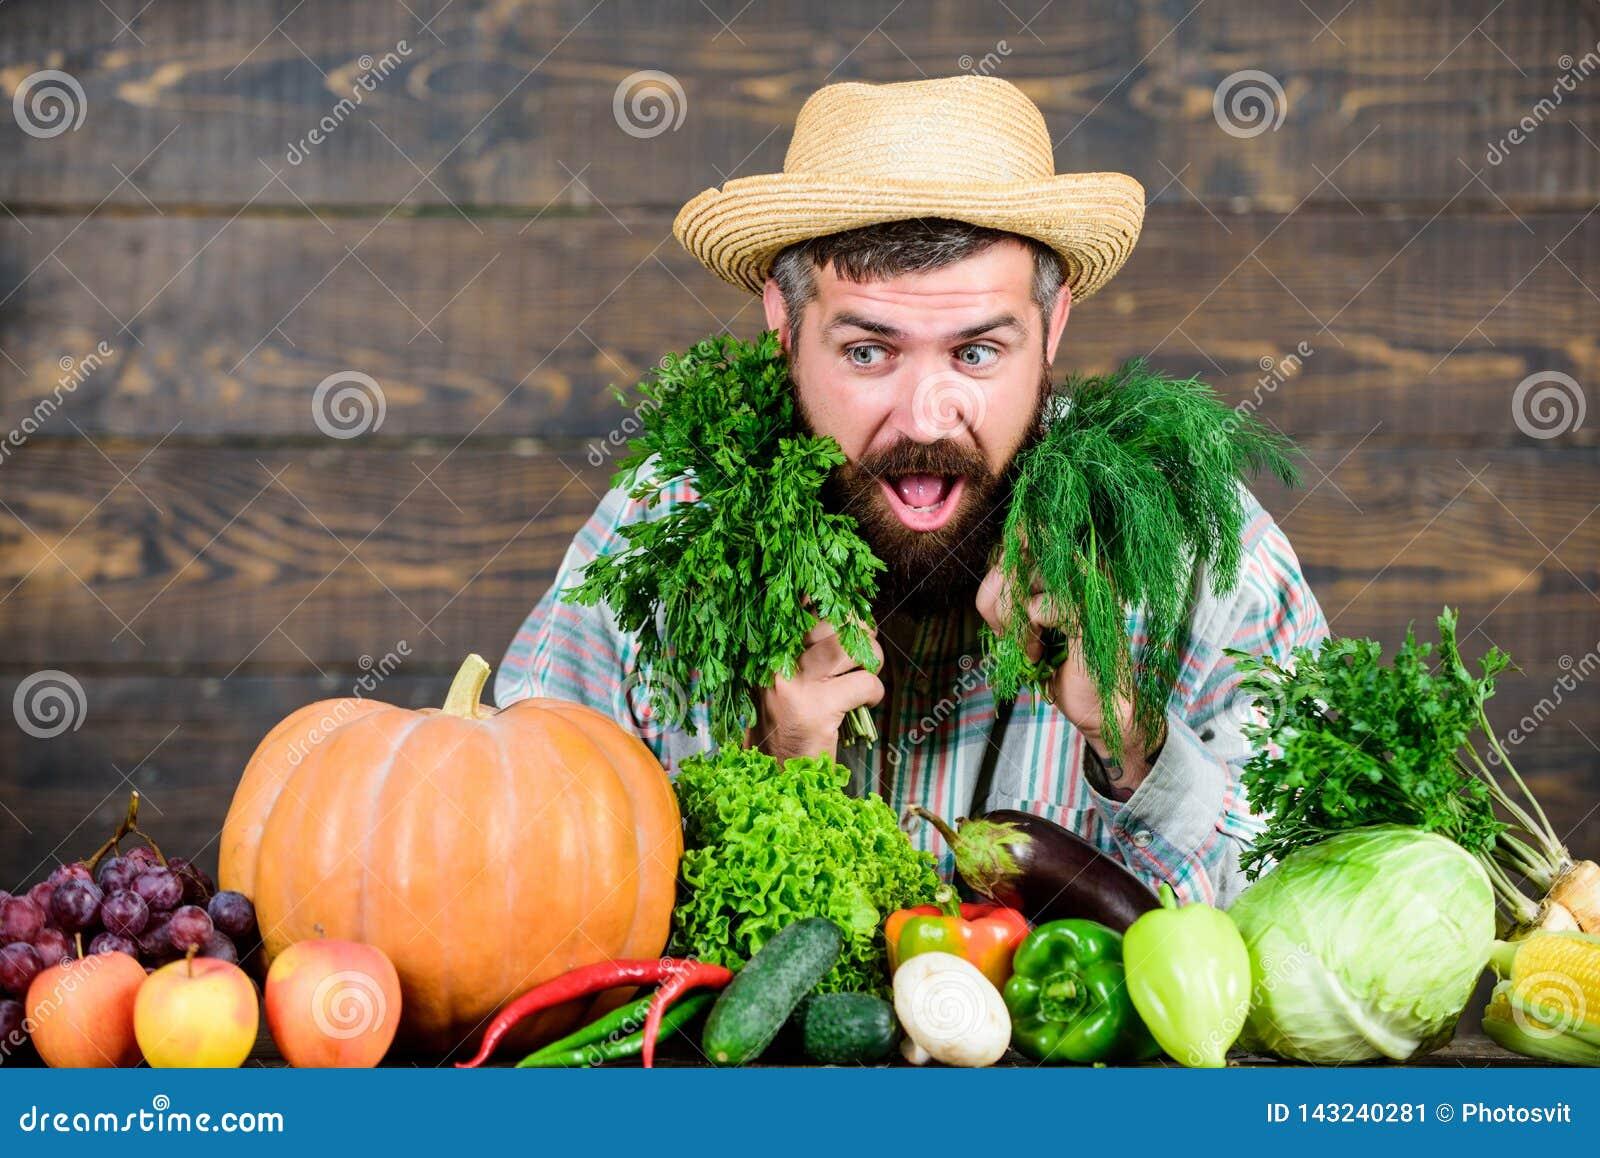 Сочная здоровая борода бородатый зрелый фермер Фестиваль сбора шеф-повар человека с богатым урожаем осени Органическая и естестве